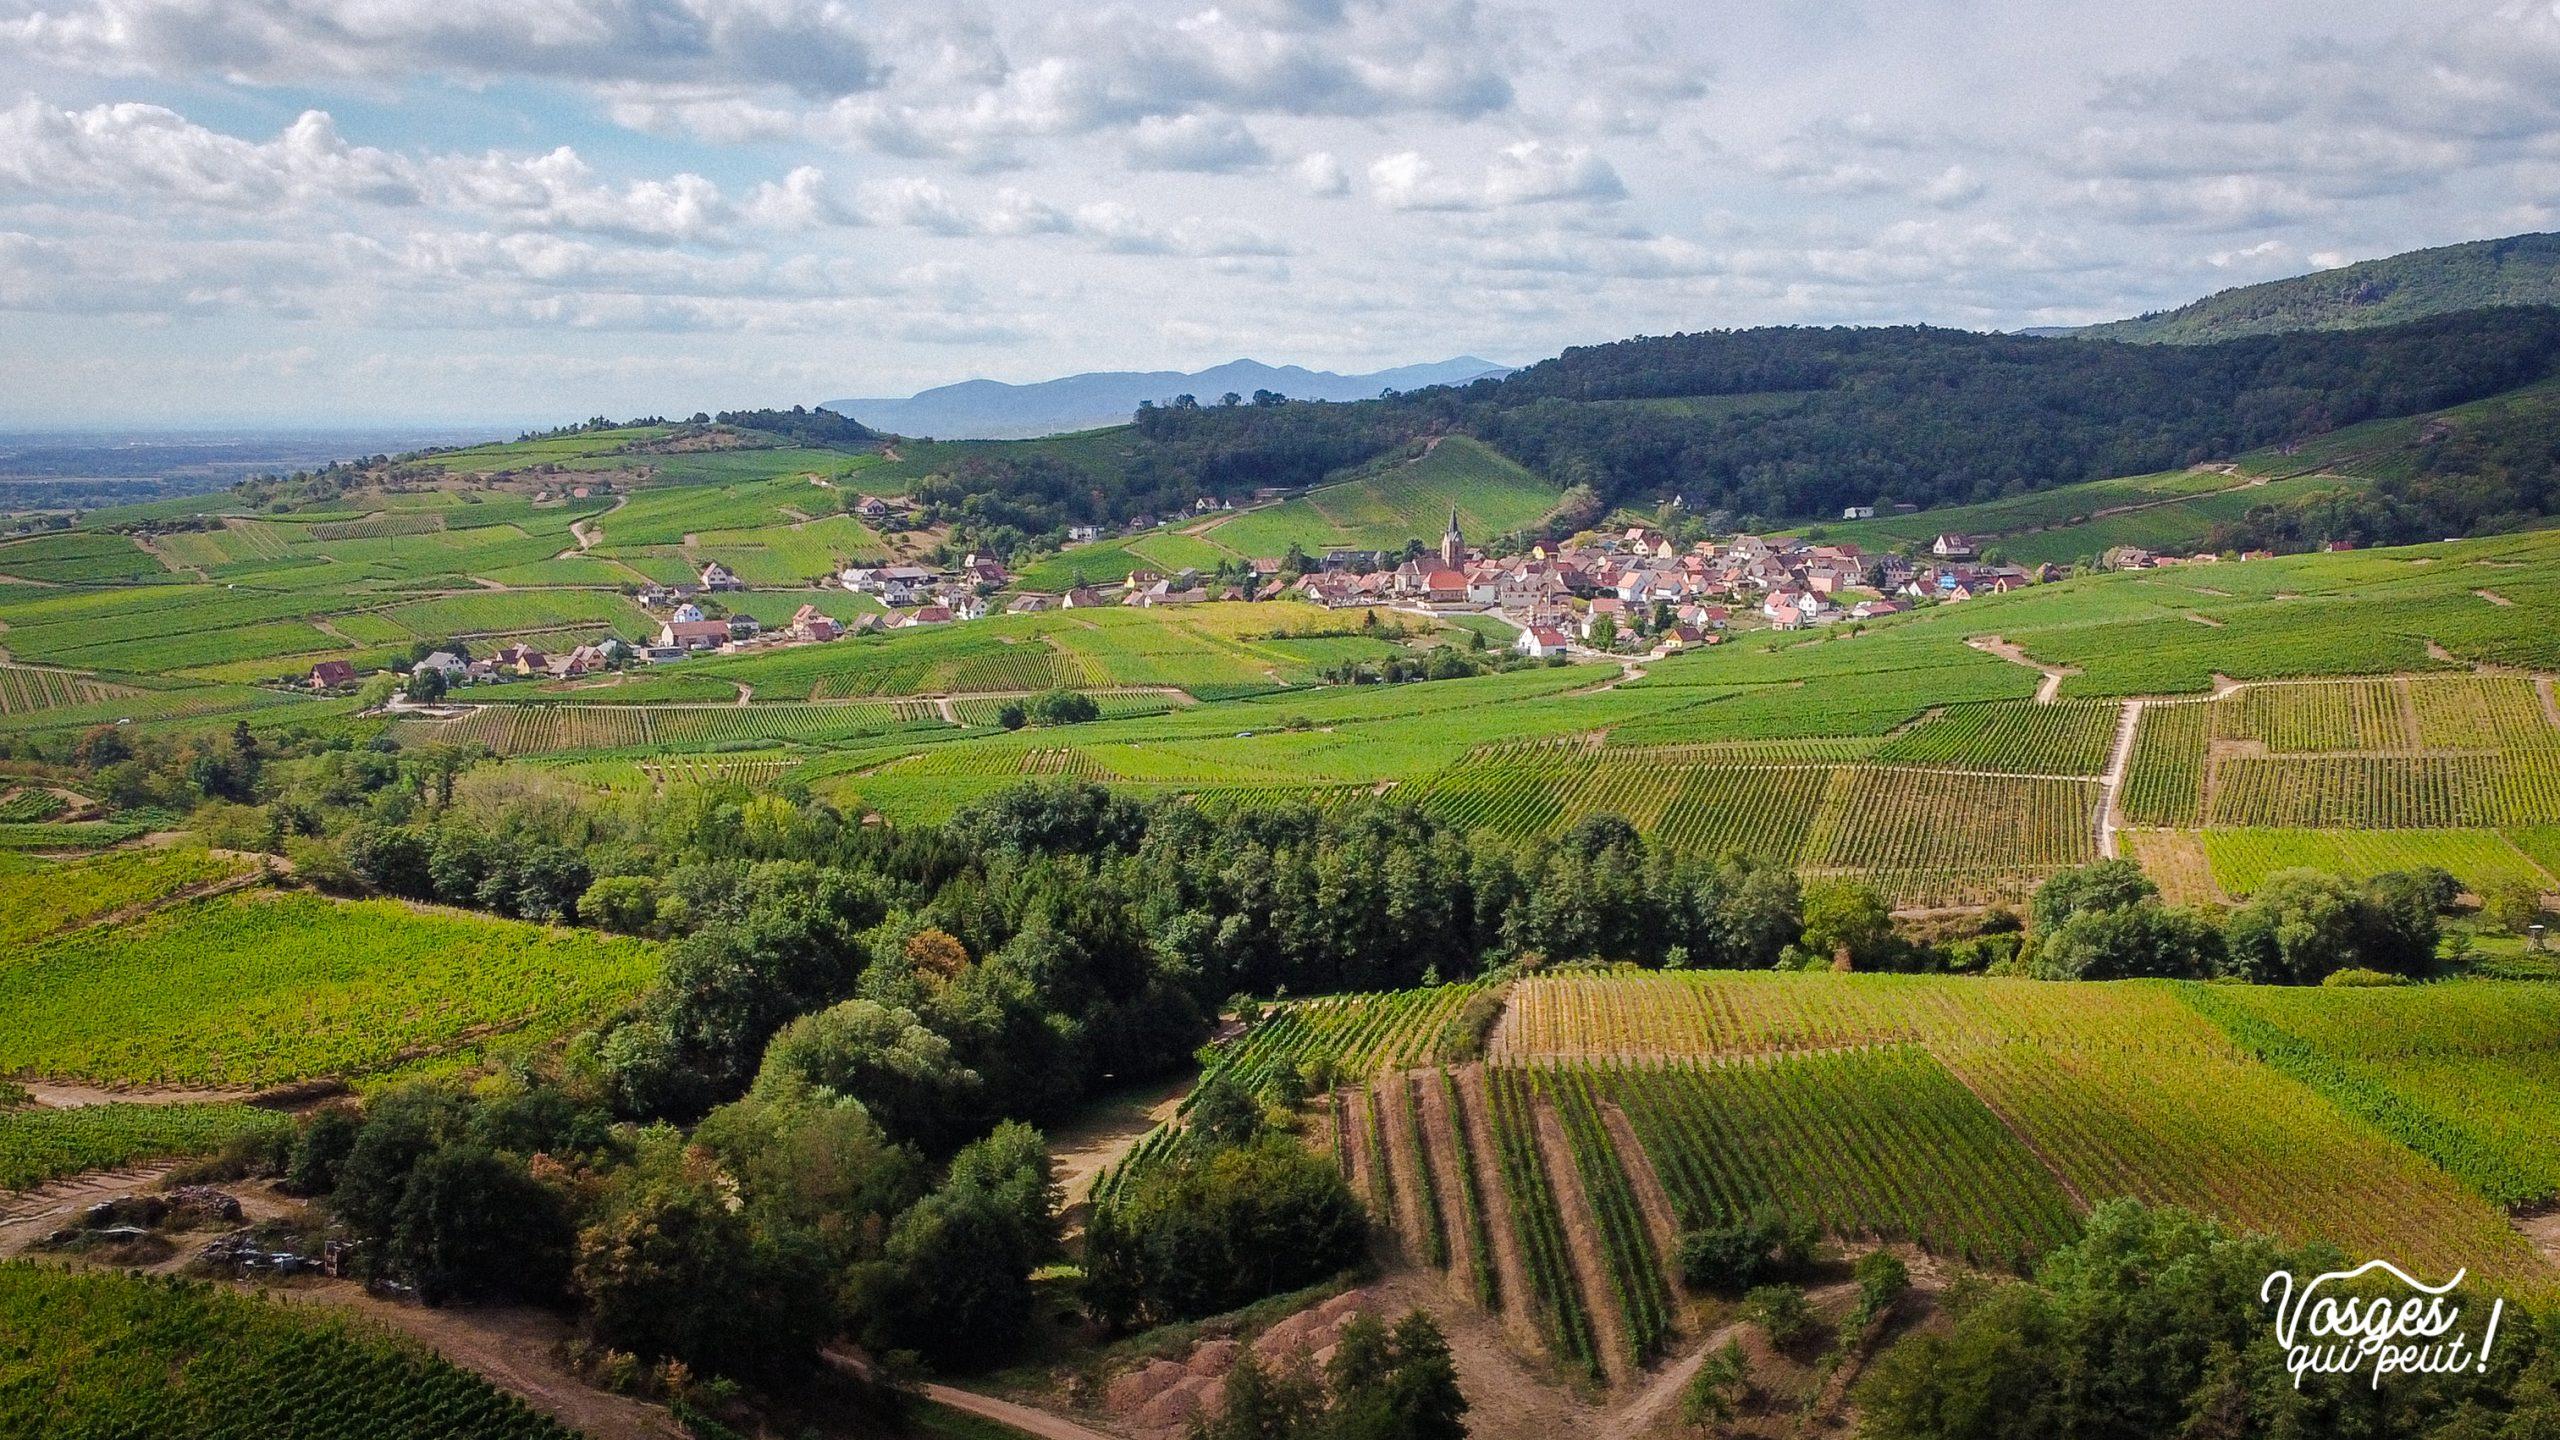 Vue aérienne du vignoble alsacien